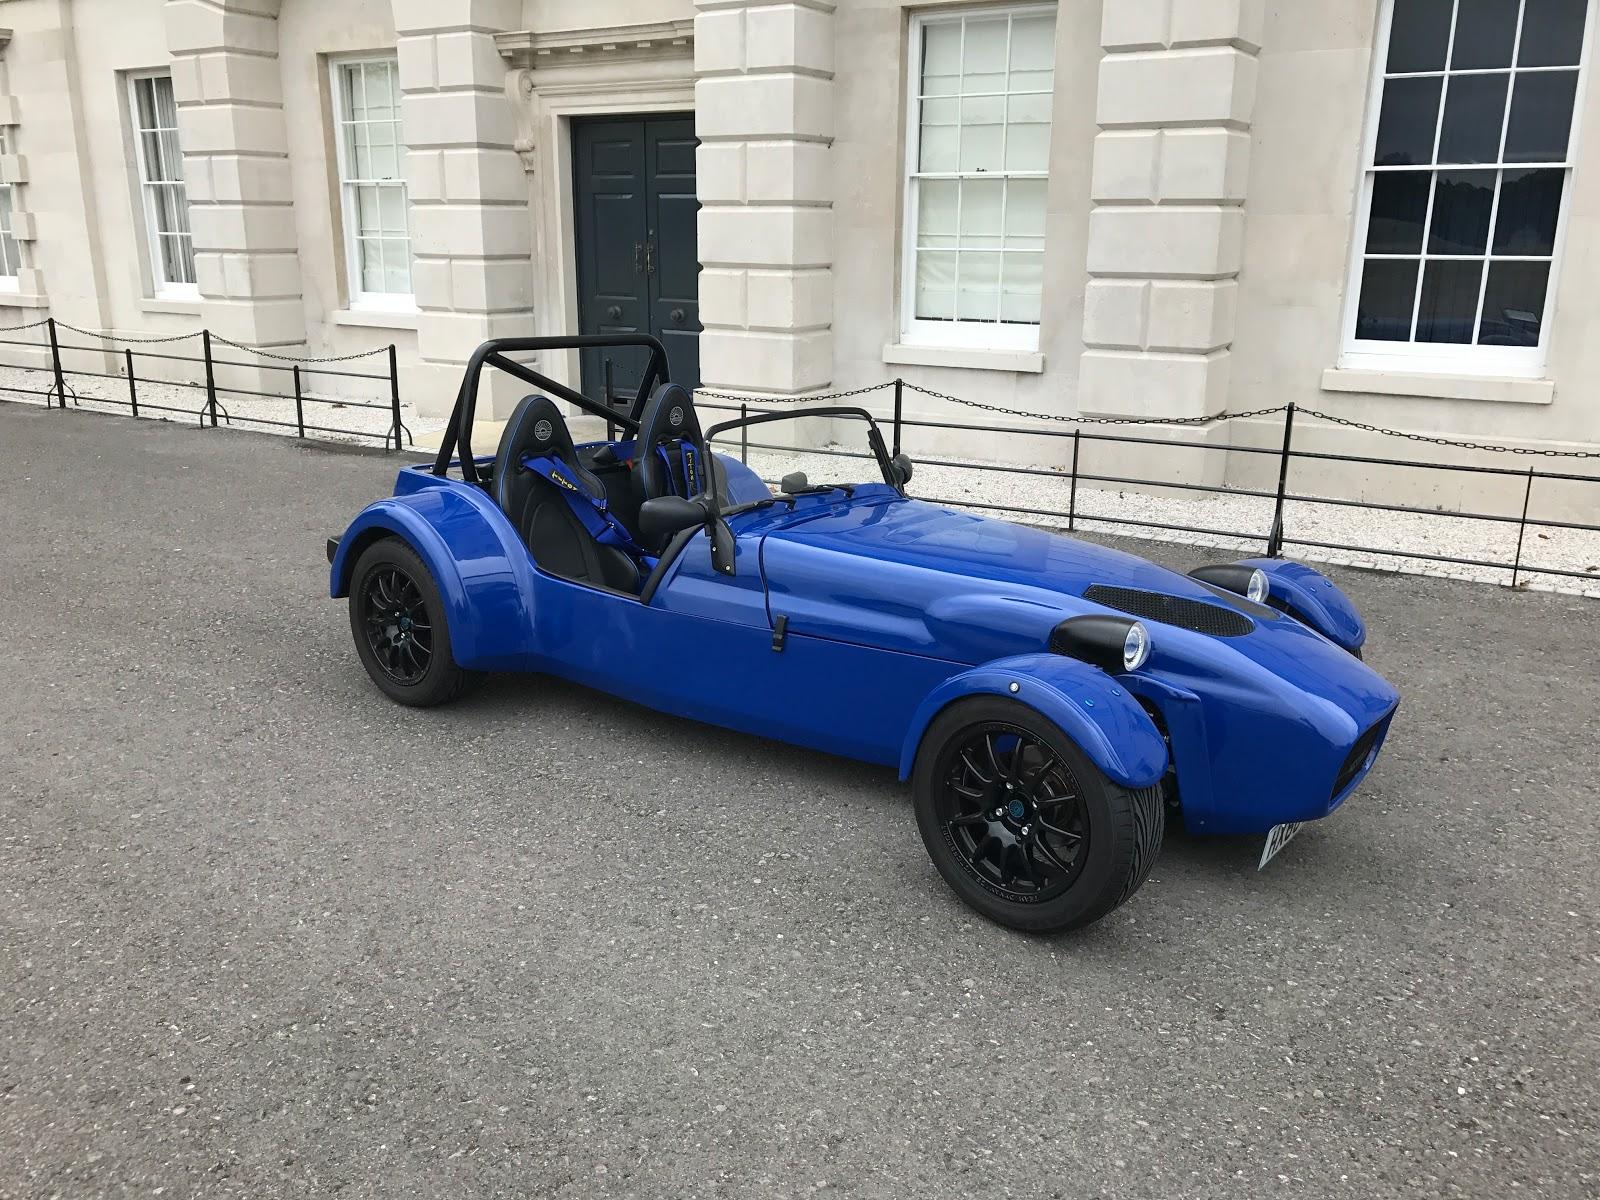 Keiths Westfield Kit Car